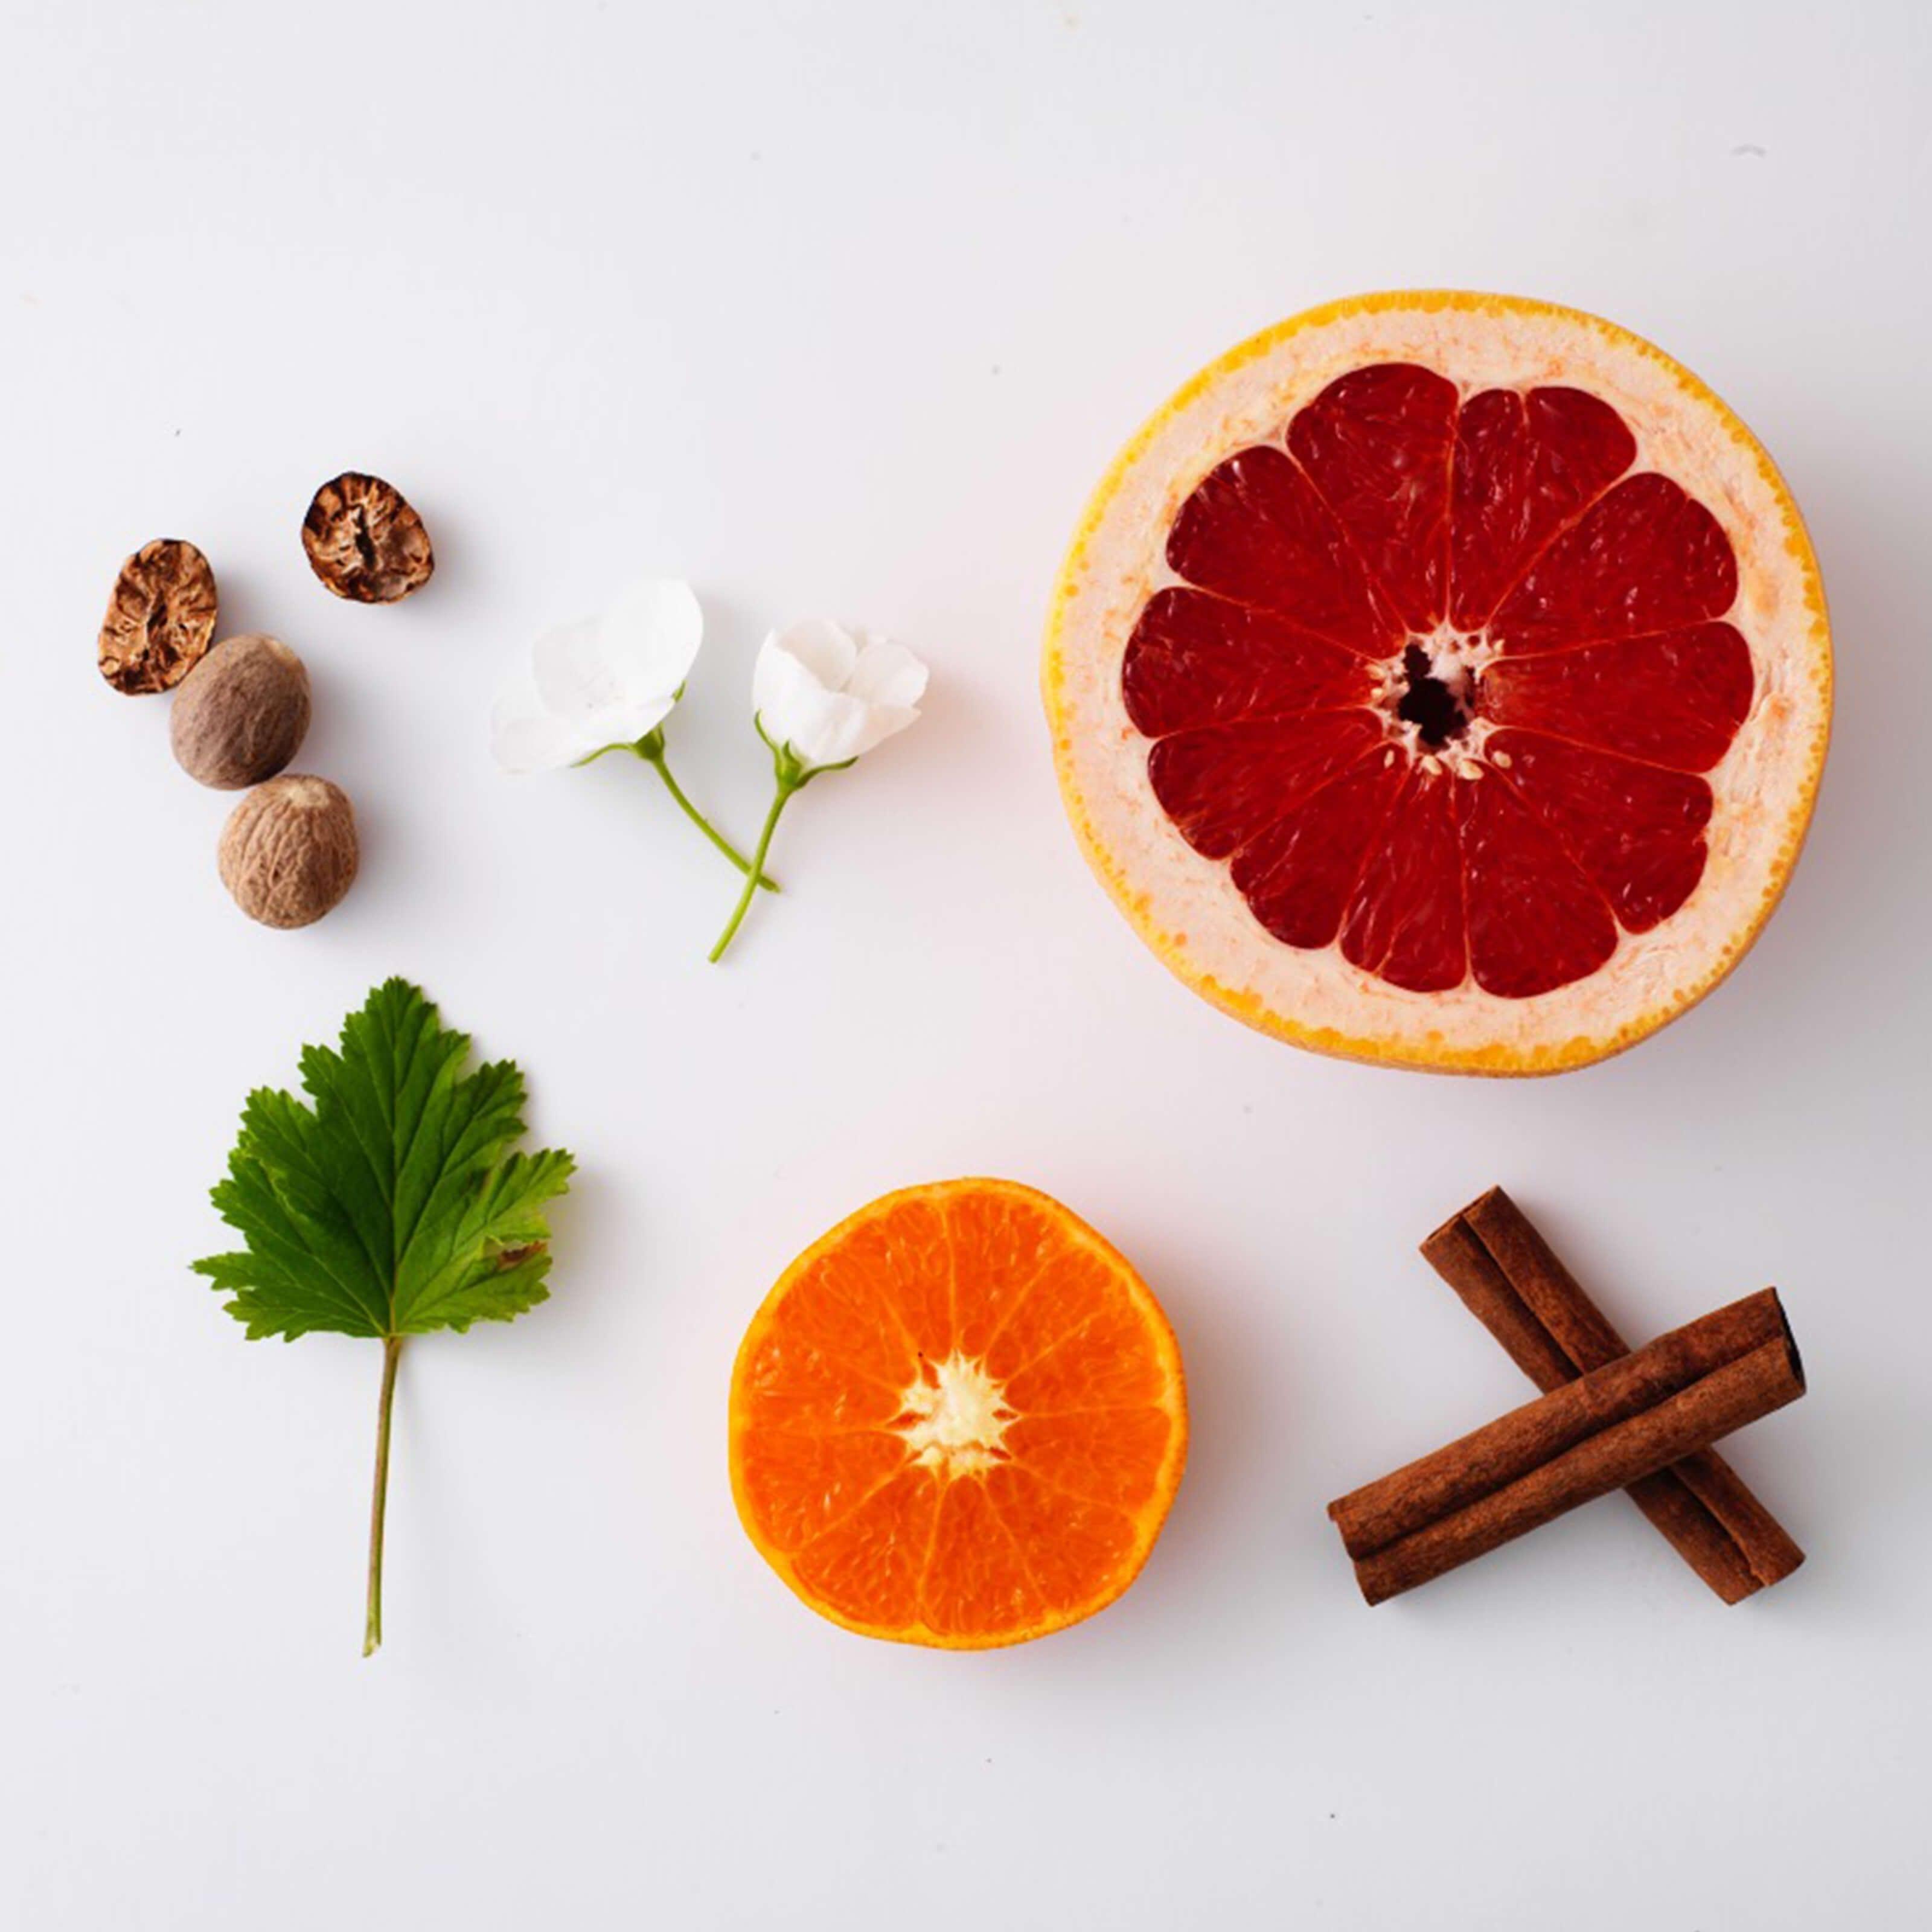 grapefruit, orange, leaf, nuts, flowers, cinnamon sticks